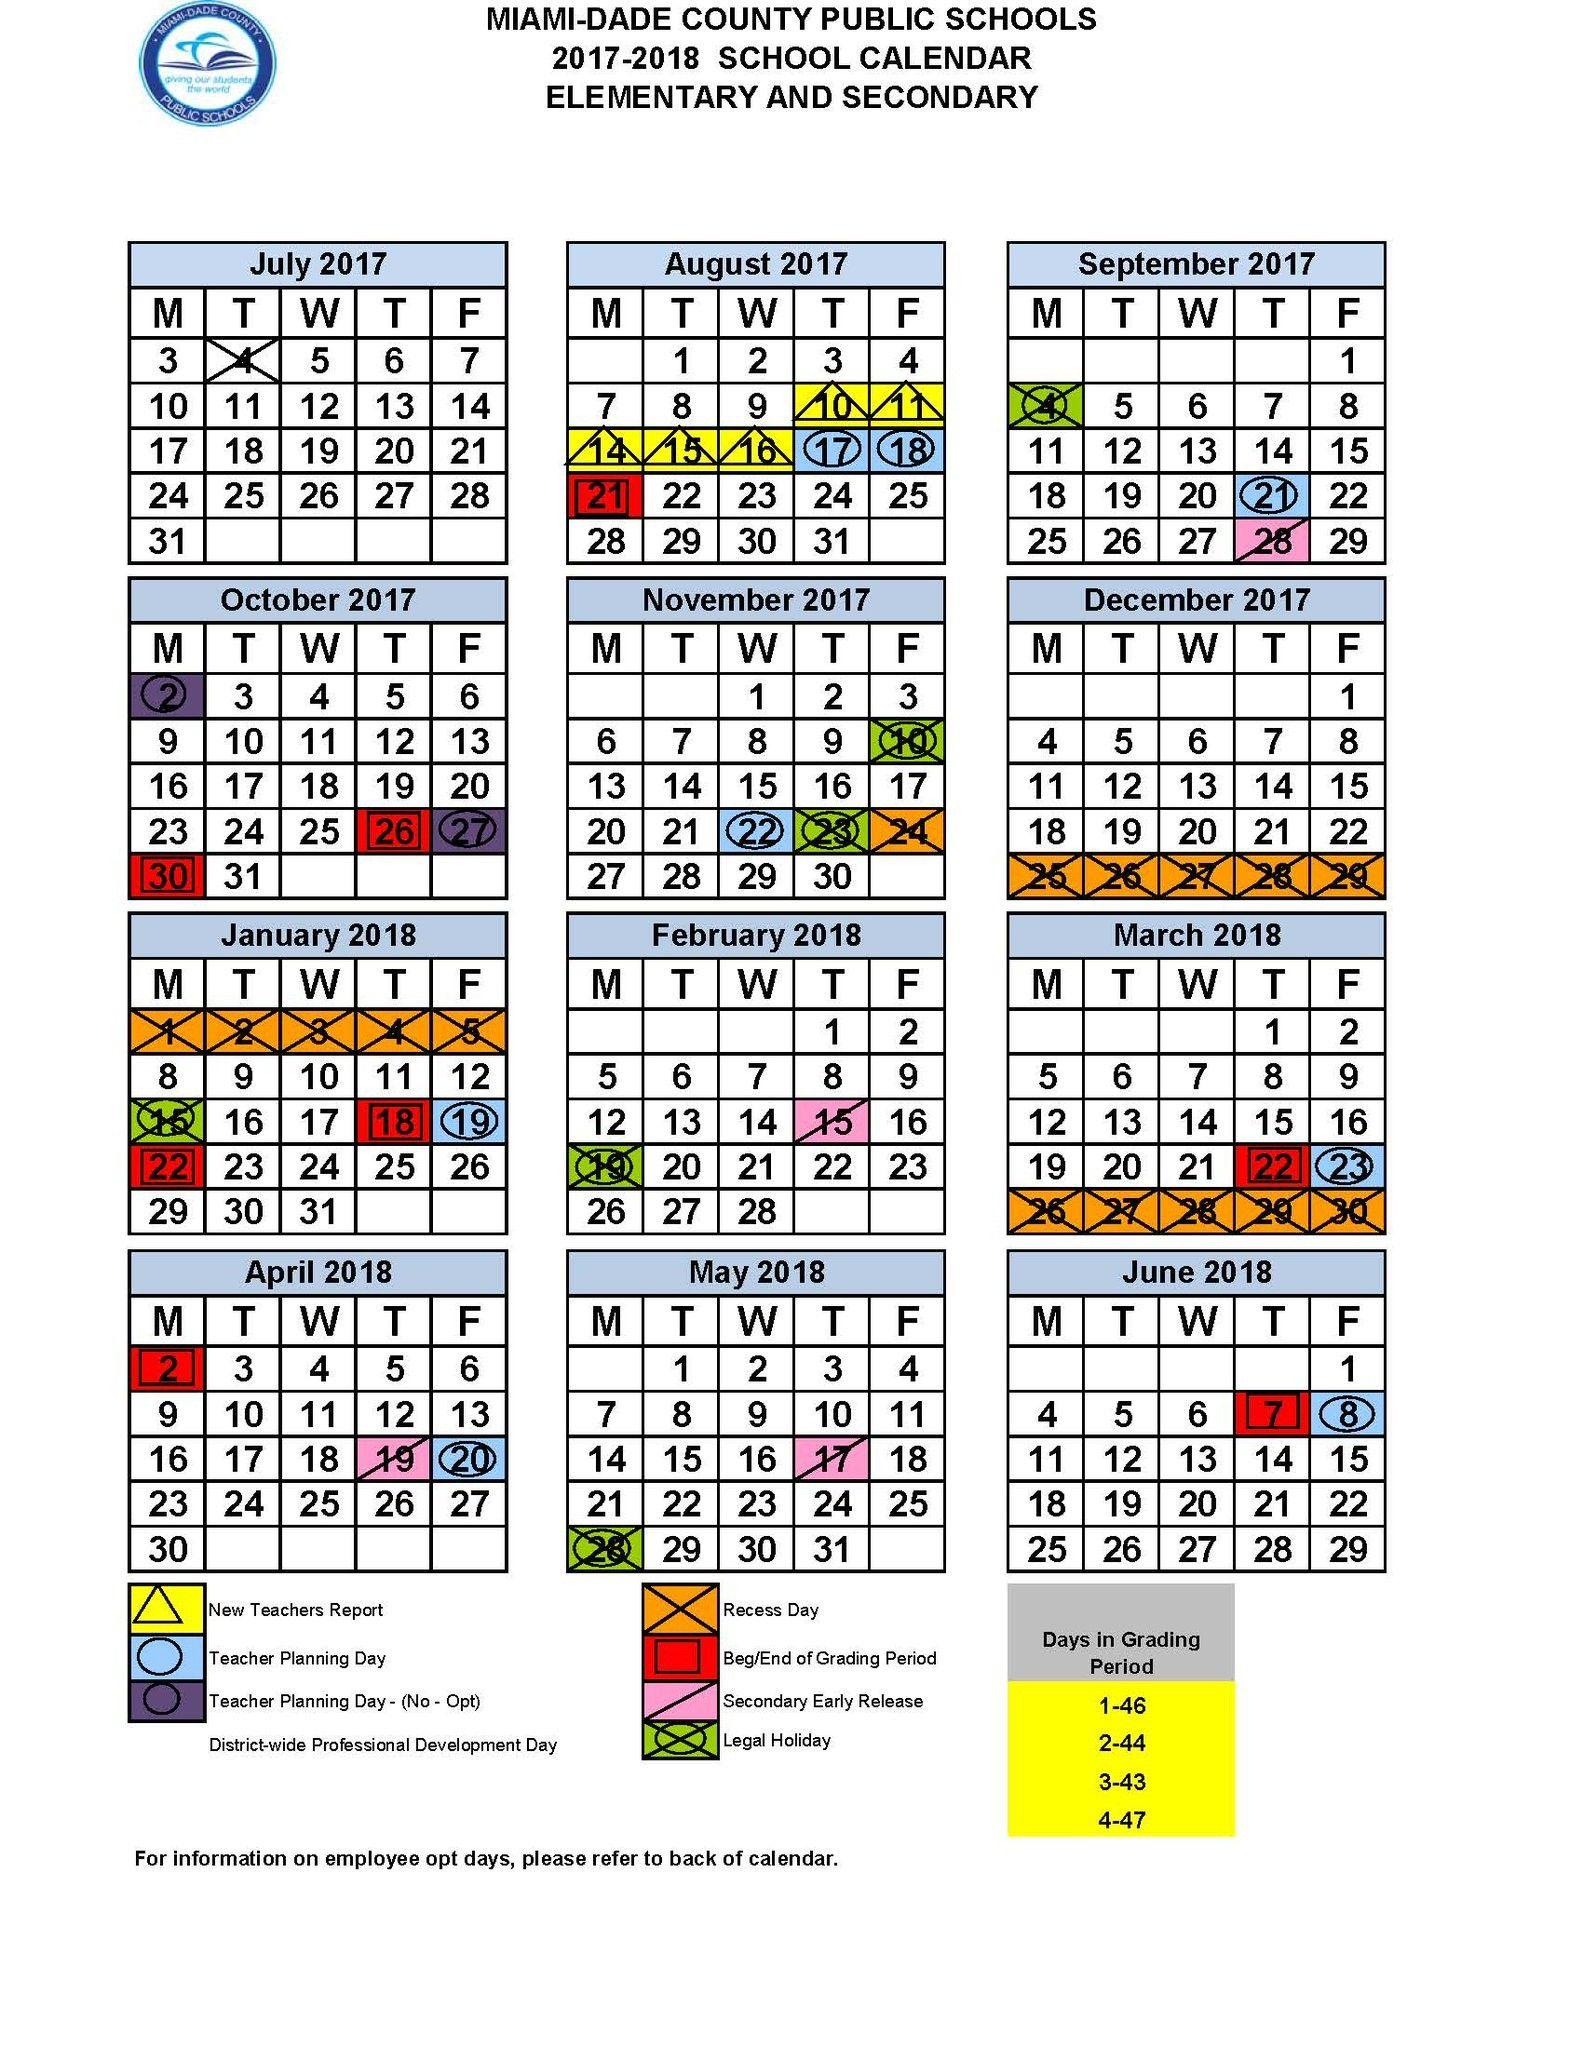 Miami Dade Schools Calendar 2018 2019 School Calendar Miami